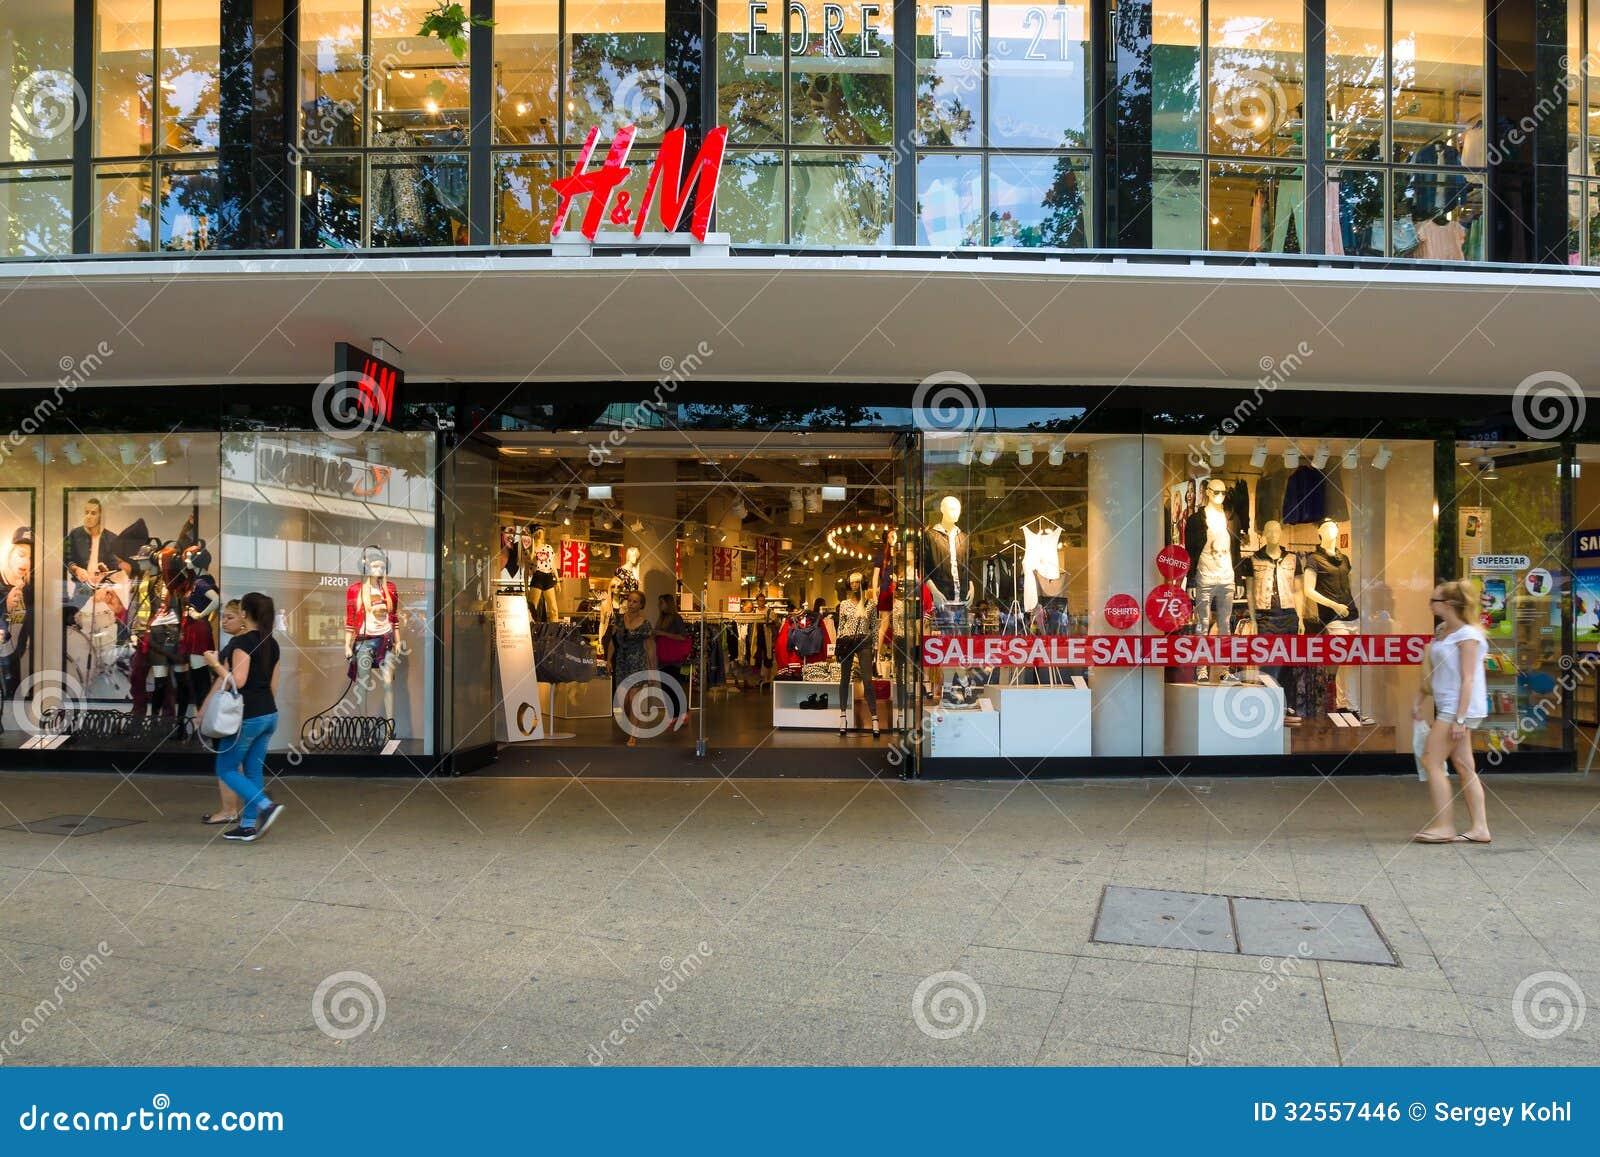 Miami clothing store